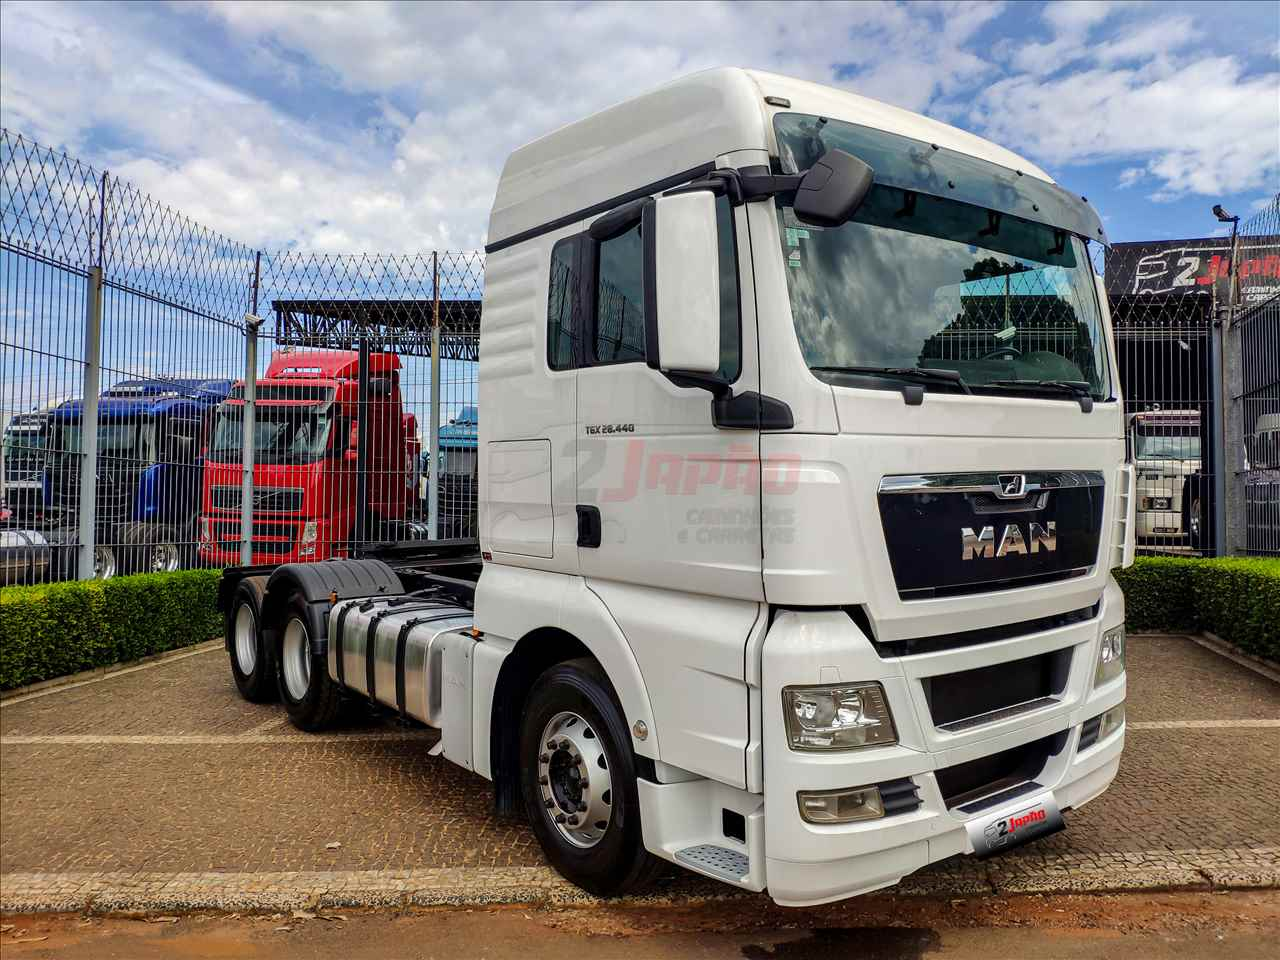 CAMINHAO MAN TGX 28 440 Cavalo Mecânico Truck 6x2 2 Japão Caminhões e Carretas SUMARE SÃO PAULO SP